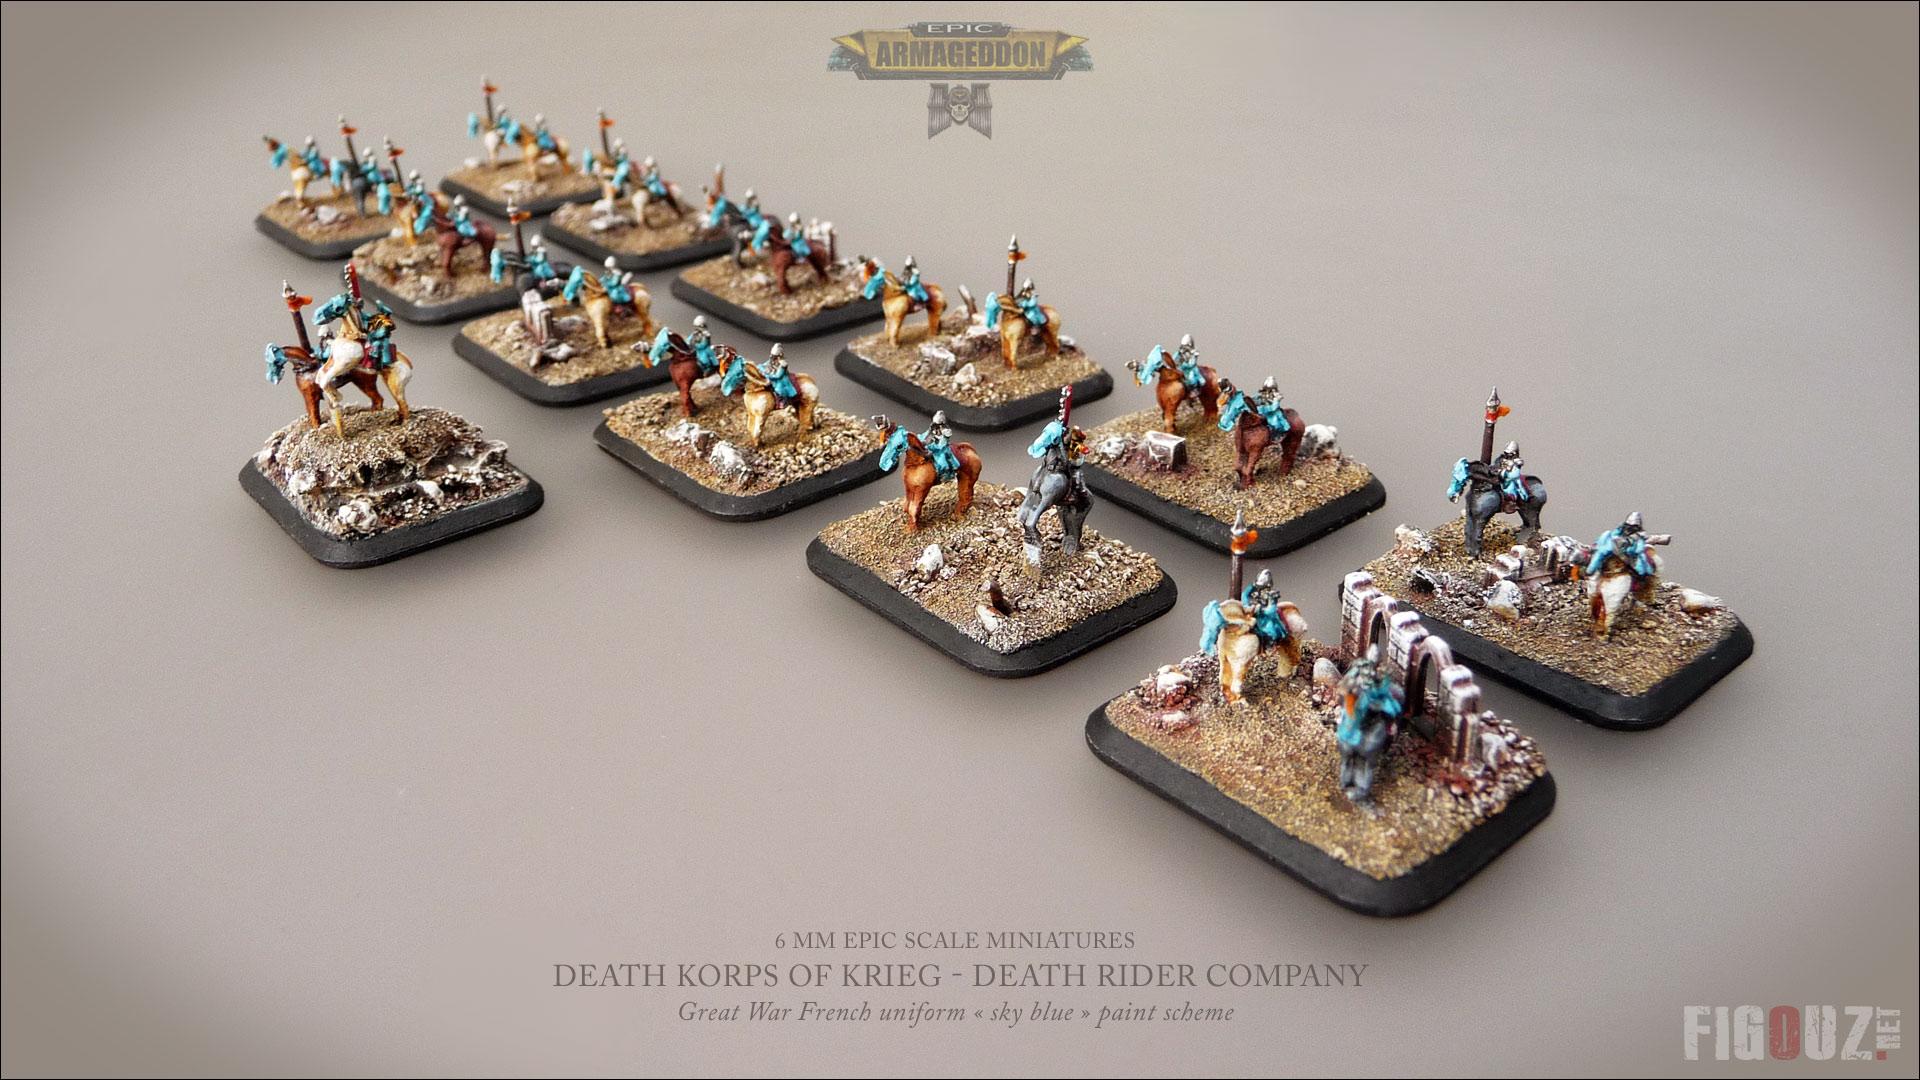 Le Vénérable Zaïus - Death Korps Of Krieg - 3000pts. - Page 20 Epic-DKOK-Death-Riders-Company-02